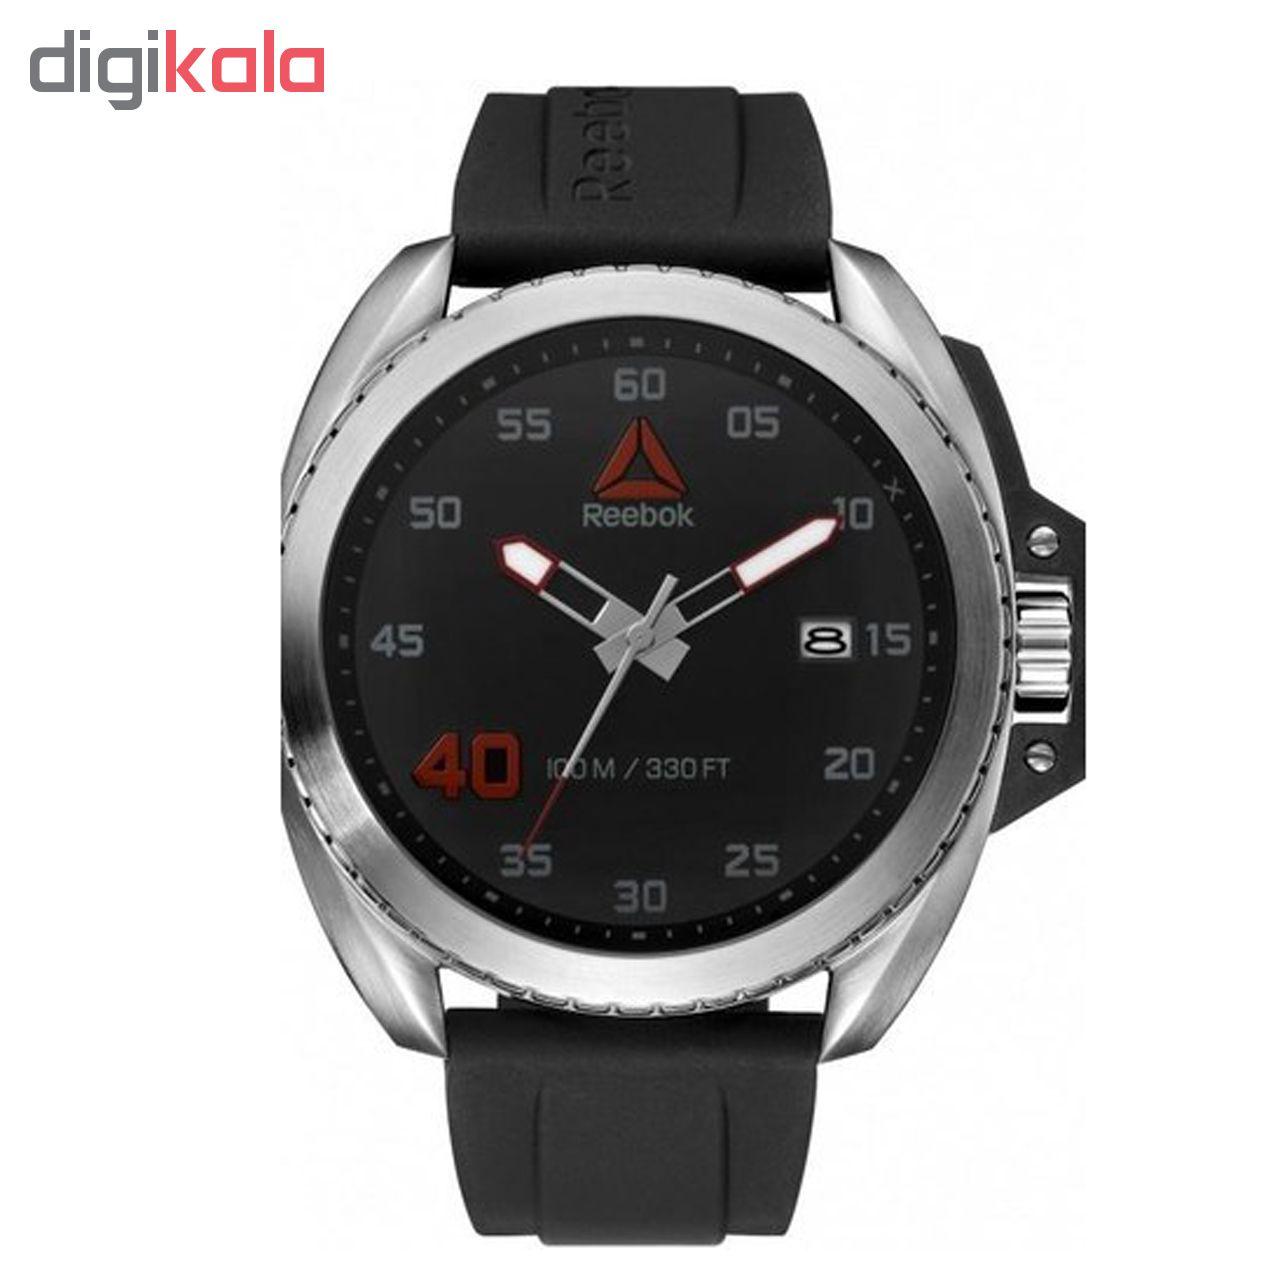 خرید ساعت مچی عقربه ای مردانه ریباک مدل rd-pro-g3-s1ib-br